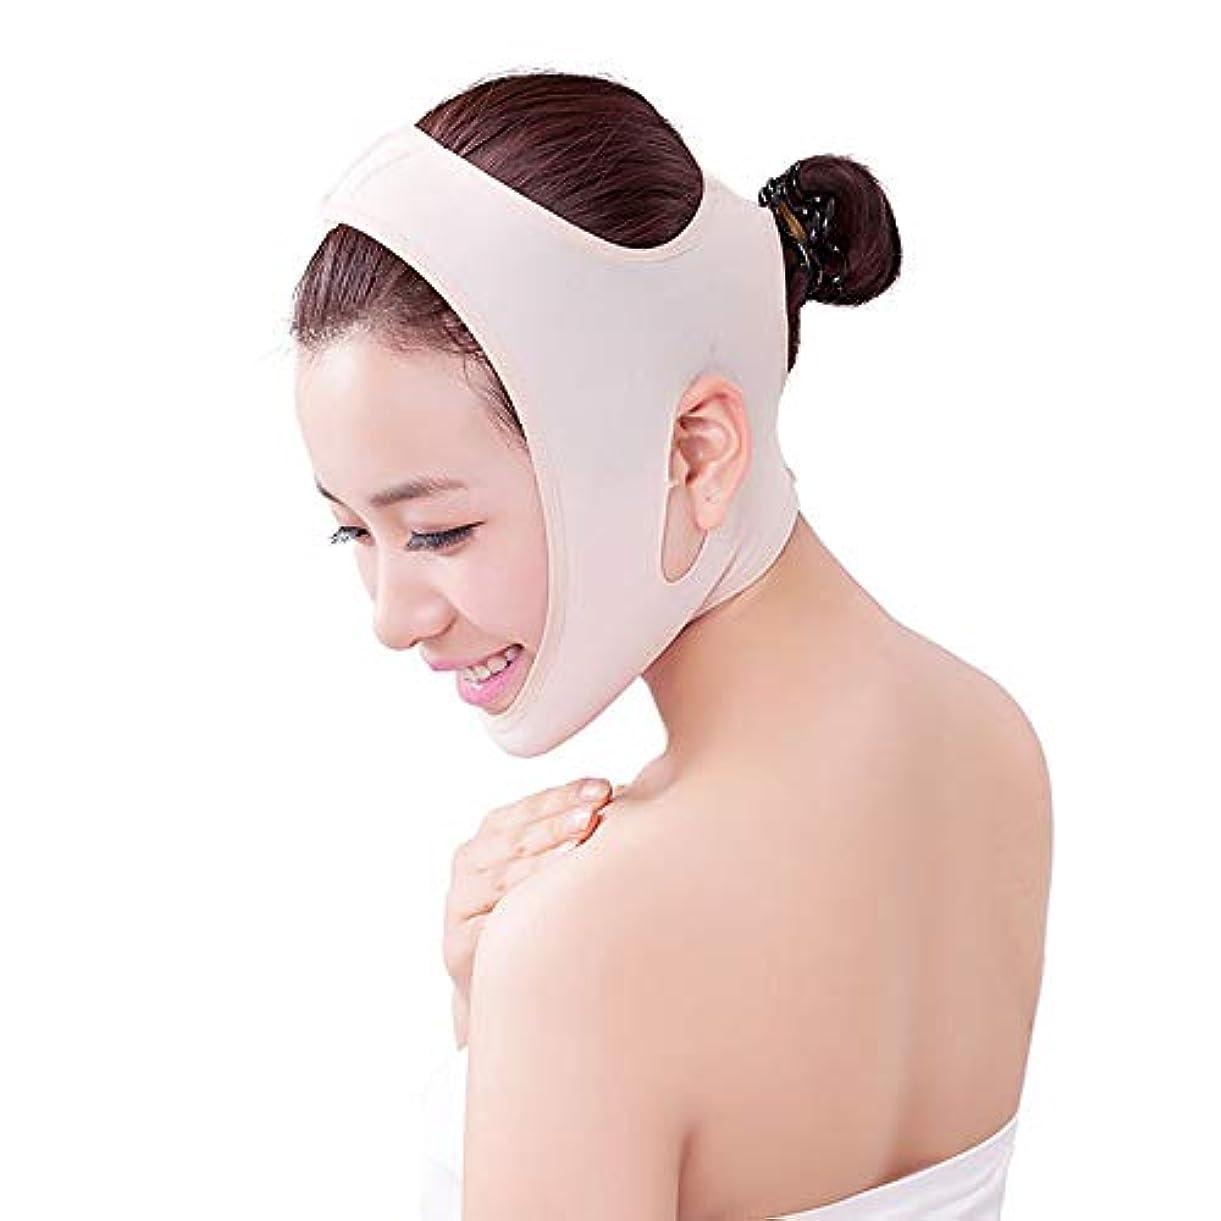 先実証するひそかにMinmin 顔の持ち上がる痩身ベルト - アンチエイジングリンクルフェイスマスクベルトあなたの顔のためのすばらしい試し二重あごの試し みんみんVラインフェイスマスク (Size : L)